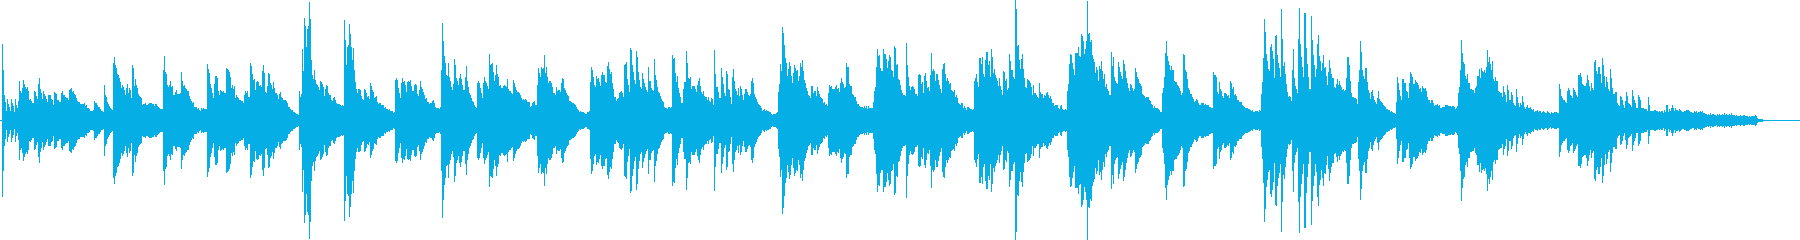 和風な雰囲気のピアノソロの再生済みの波形